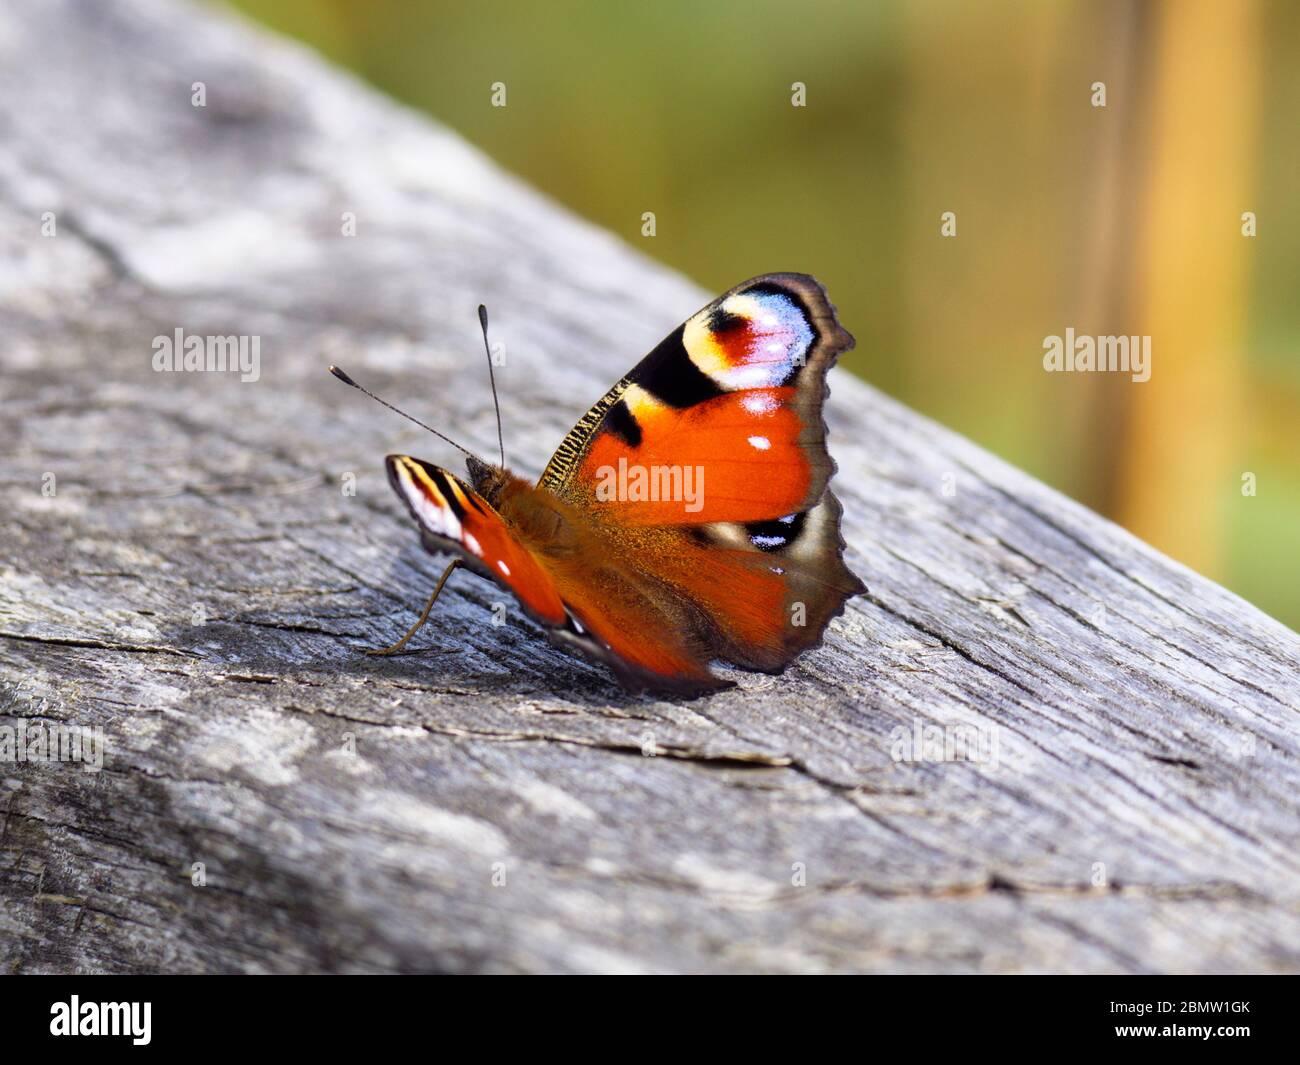 Schmetterling, Federsee, Naturschutzgebiet, Bad Buchau, Oberschwaben, Baden-Württemberg, Deutschland Stock Photo